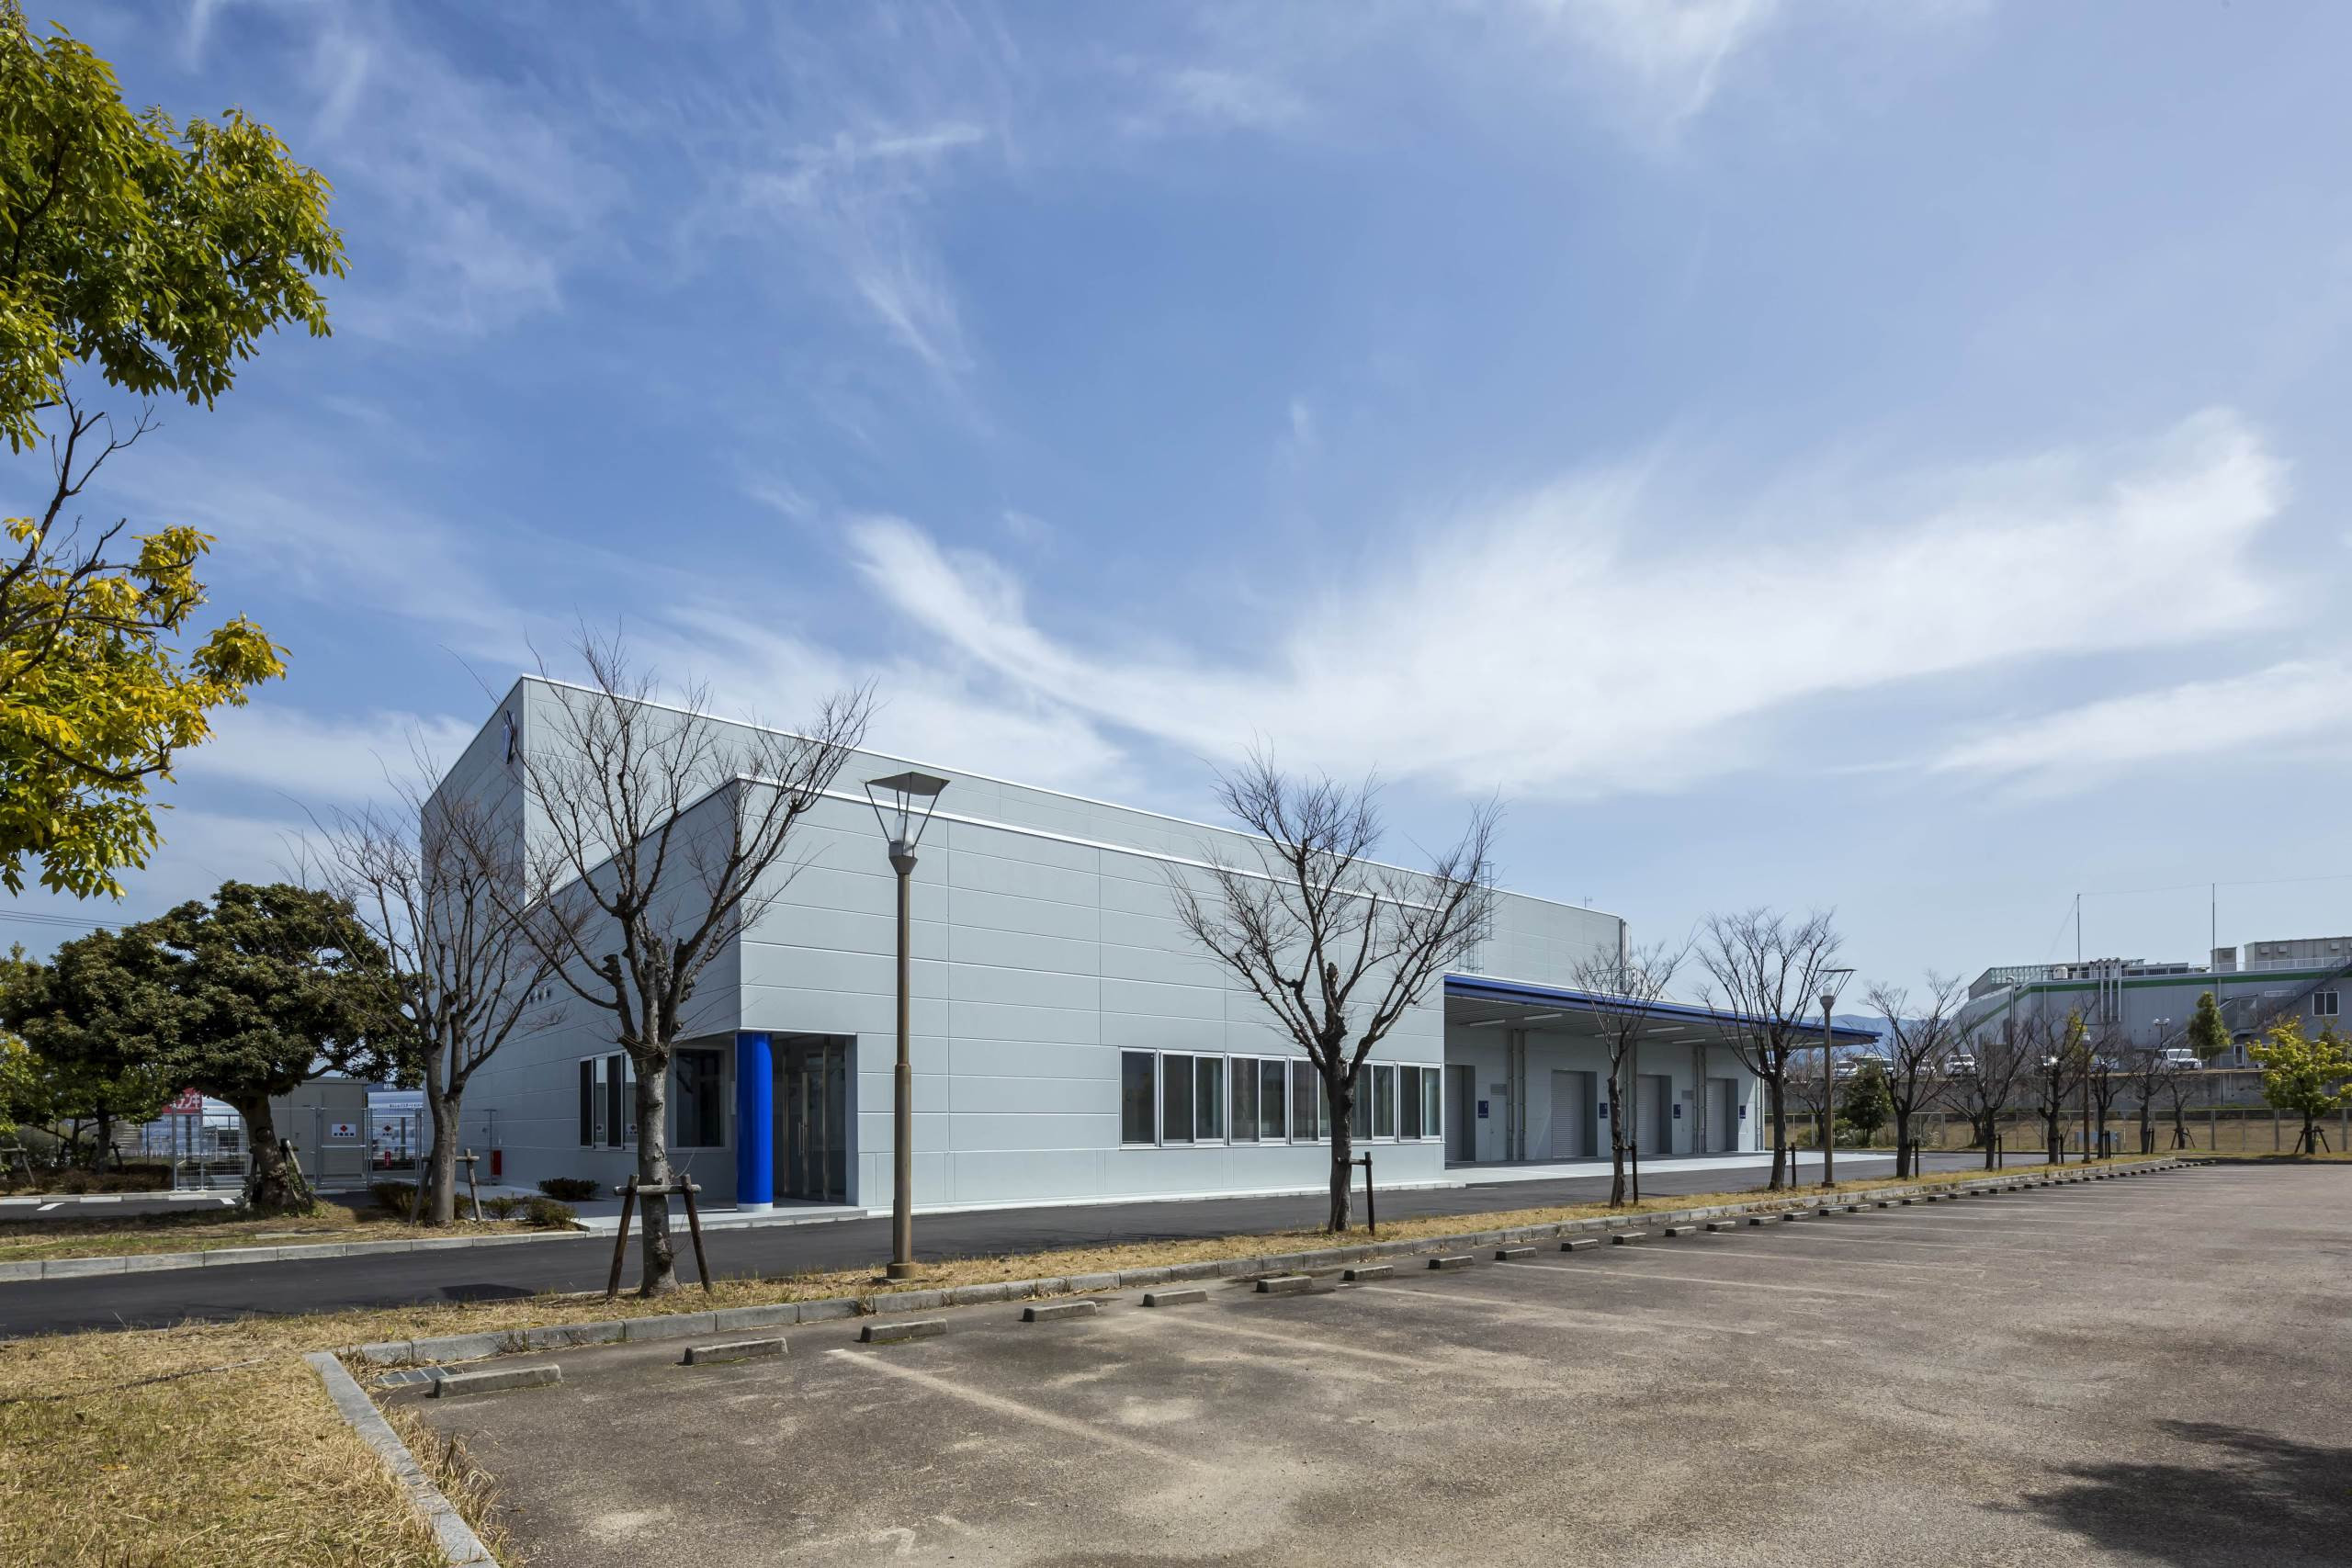 地方独立行政法人大阪産業技術研究所 電磁環境試験センター